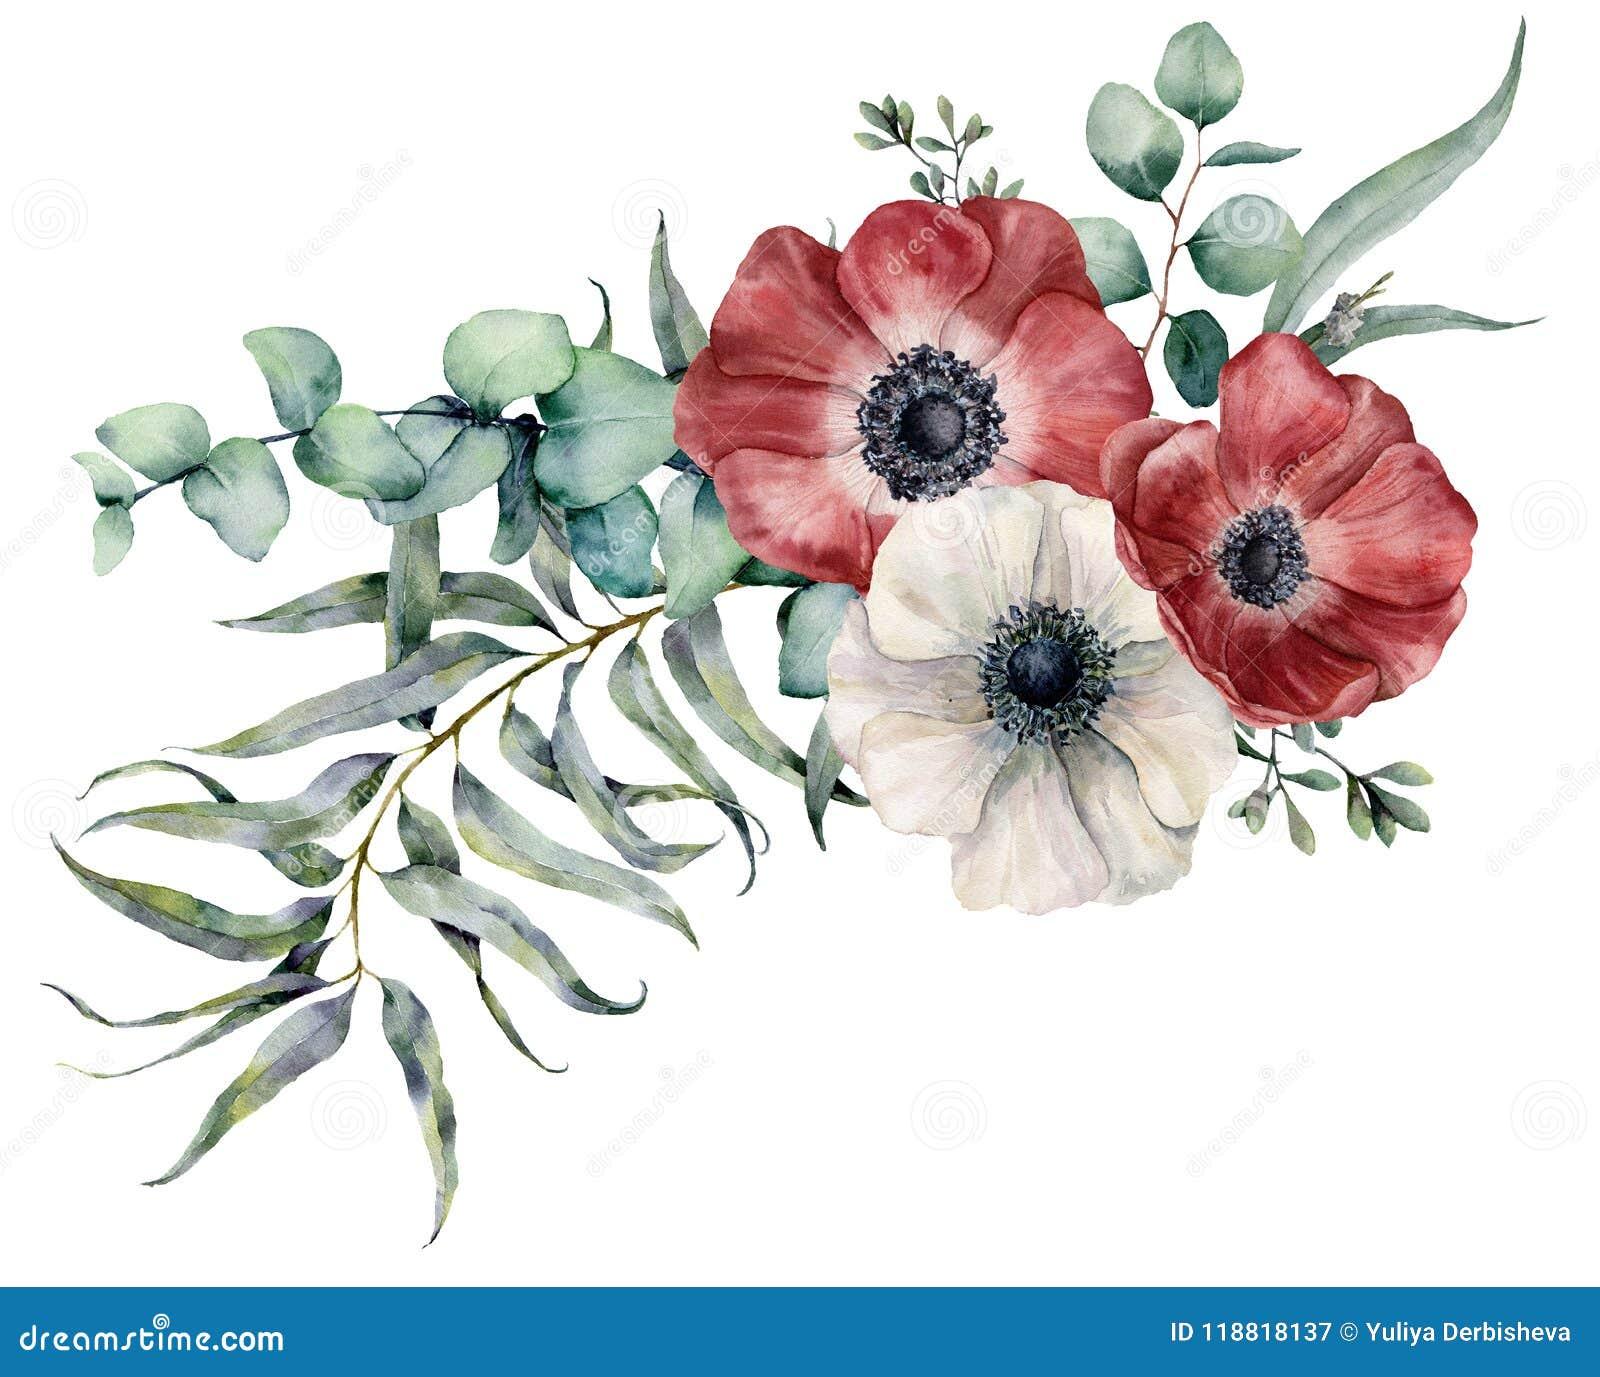 Feuille D Eucalyptus Bouquet bouquet d'anémone d'aquarelle fleurs rouges et blanches